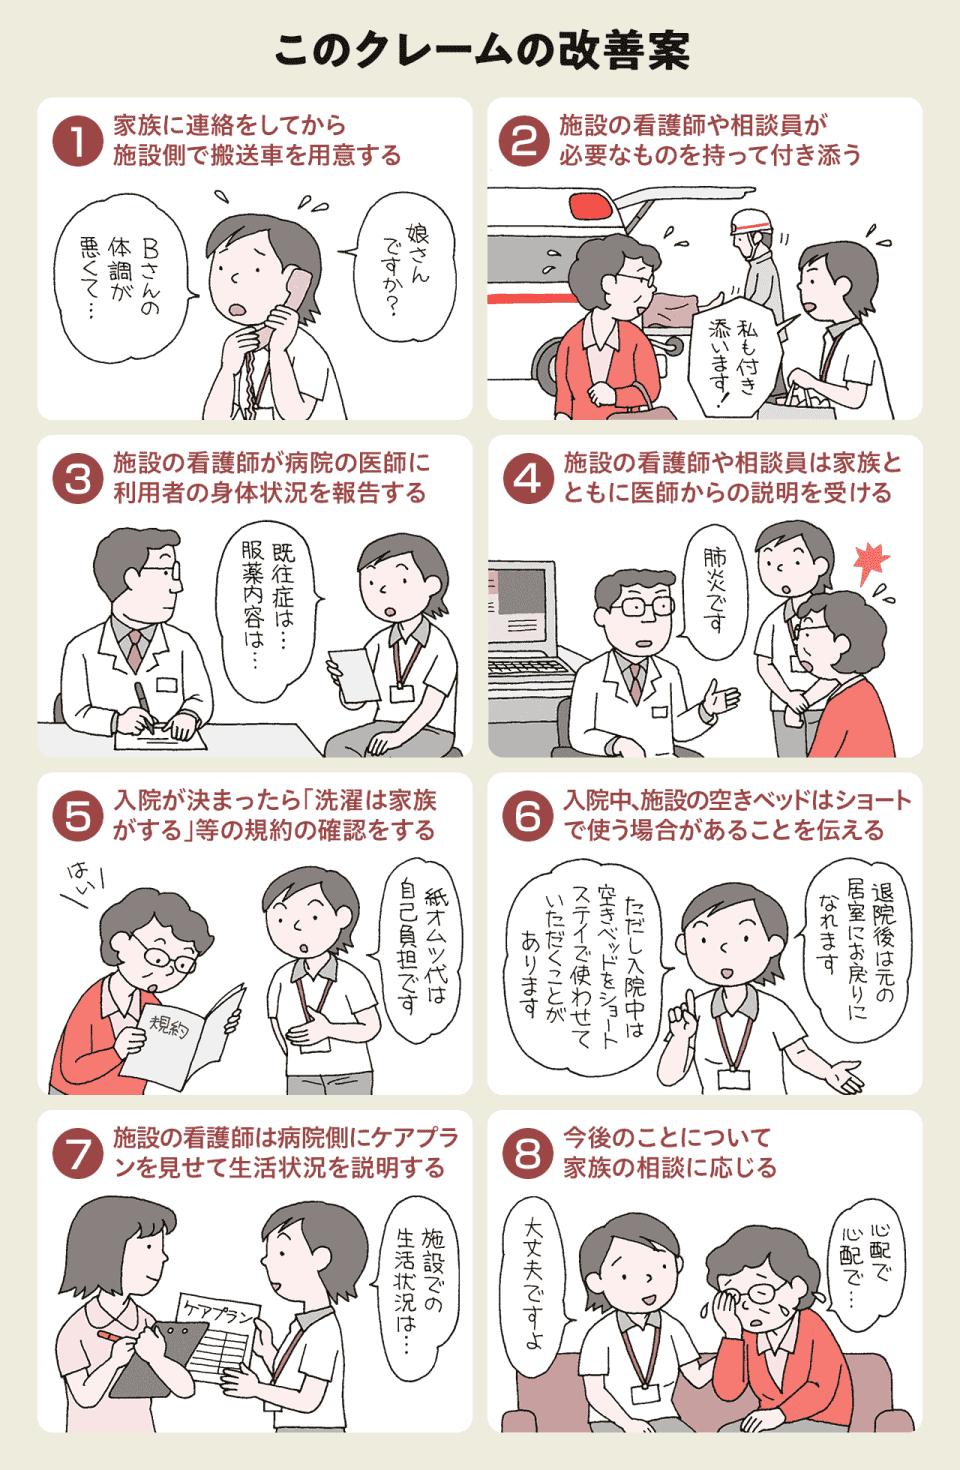 【このクレームの改善案】1)家族に連絡をしてから施設側で搬送車を用意する。2)施設の看護師や相談員が必要なものを持って付き添う。3)施設の看護師が病院の医師に利用者の身体状況を報告する。4)施設の看護師や相談員は家族とともに医師からの説明を受ける。5)入院が決まったら「選択は家族がする」等の規約の確認をする。6)入院中、施設の空きベッドはショートで使う場合があることを伝える。7)施設の看護師は病院側にケアプランを見せて生活状況を説明する。8)今後のことについて家族の相談に応じる。